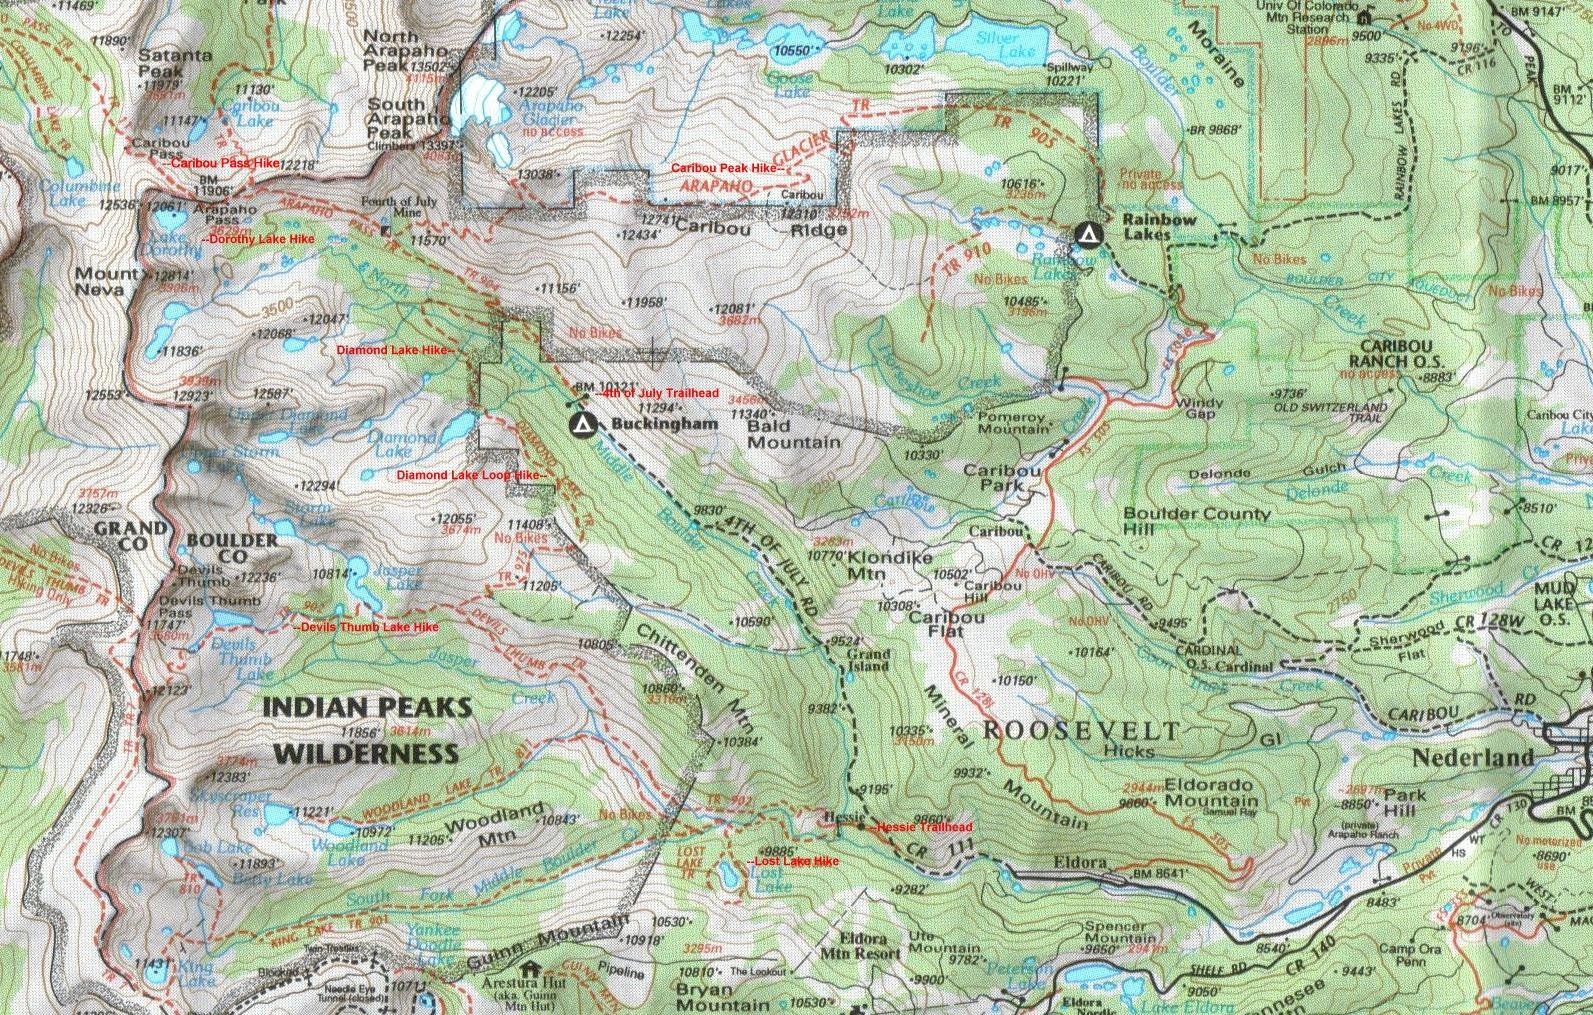 hike_diamond_loop_albm Devils Thumb Trail Map on mt. mitchell trail, castle rock trail, alaska trail, slick rock trail, boundary peak trail, black mountain trail, redwood creek trail, mount juneau trail, niagara gorge trail, camelback mountain trail,